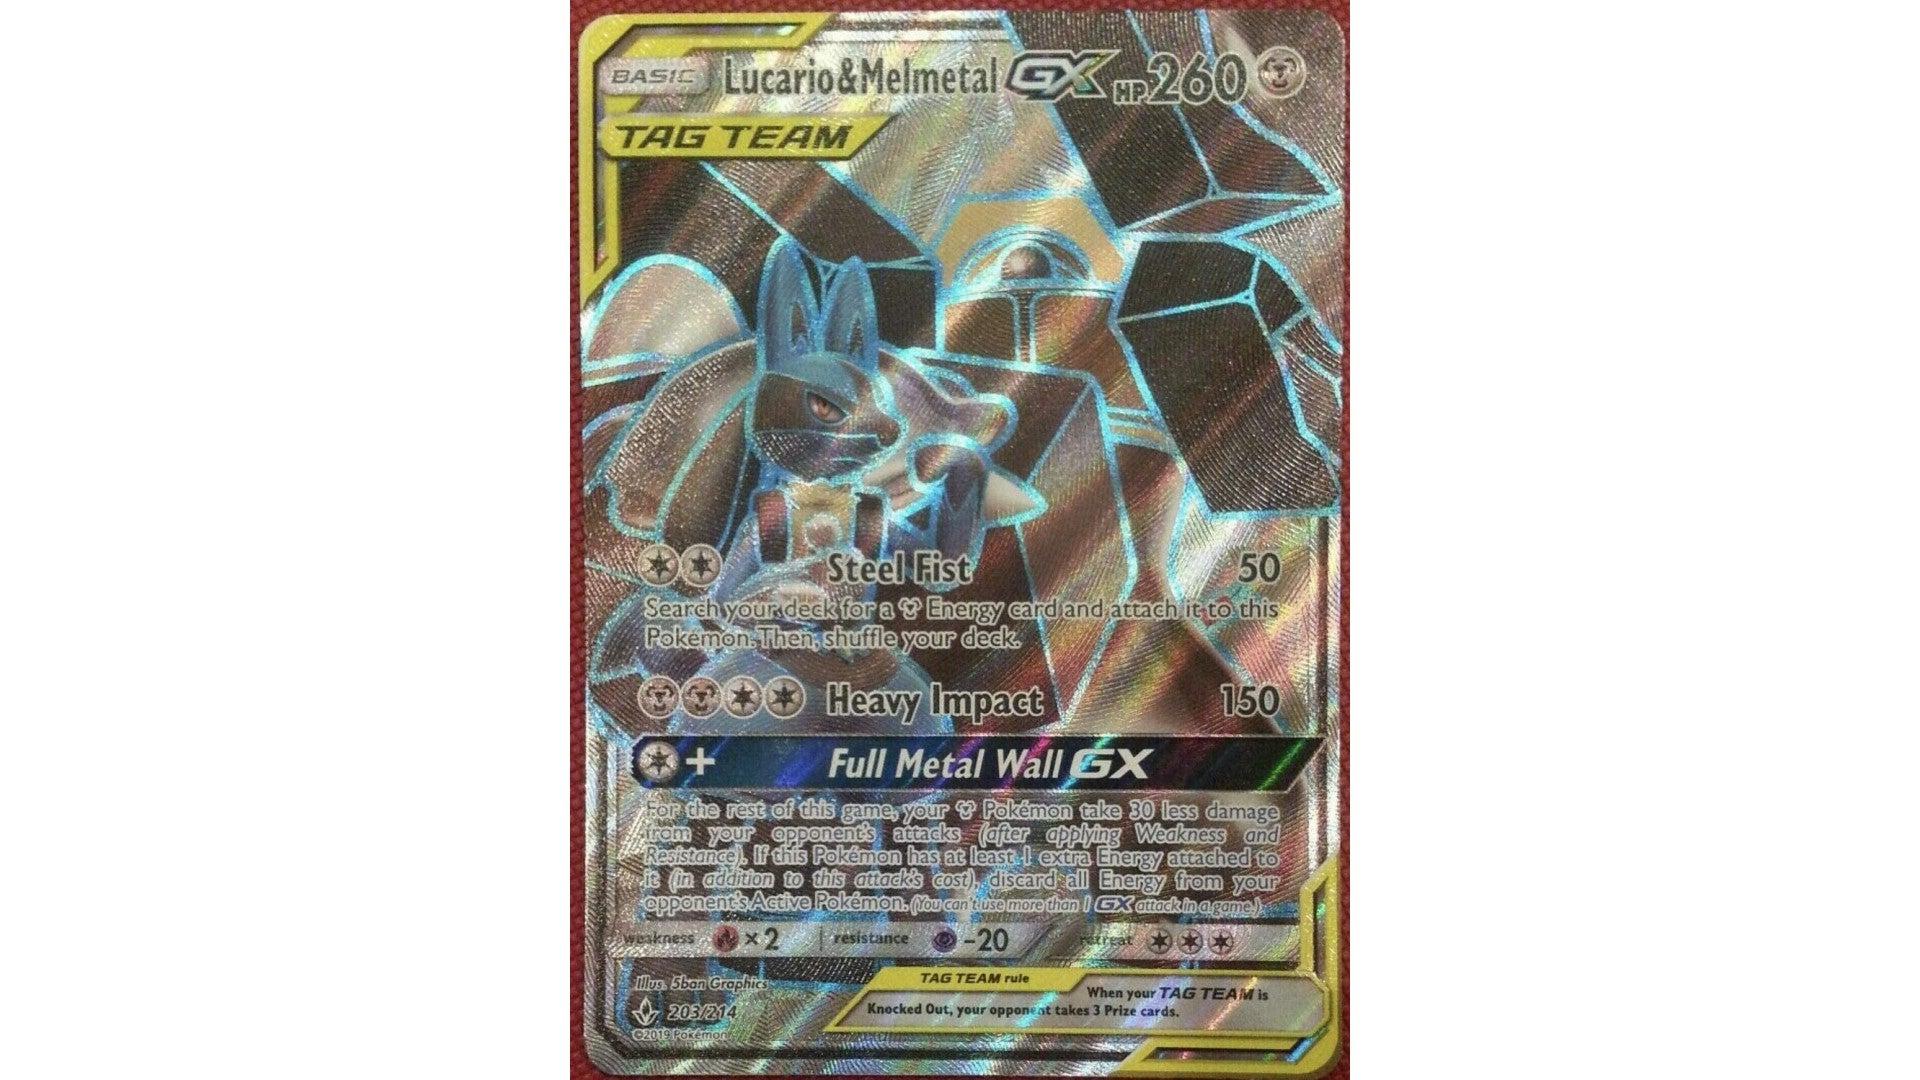 Lucario and Melmetal GX card